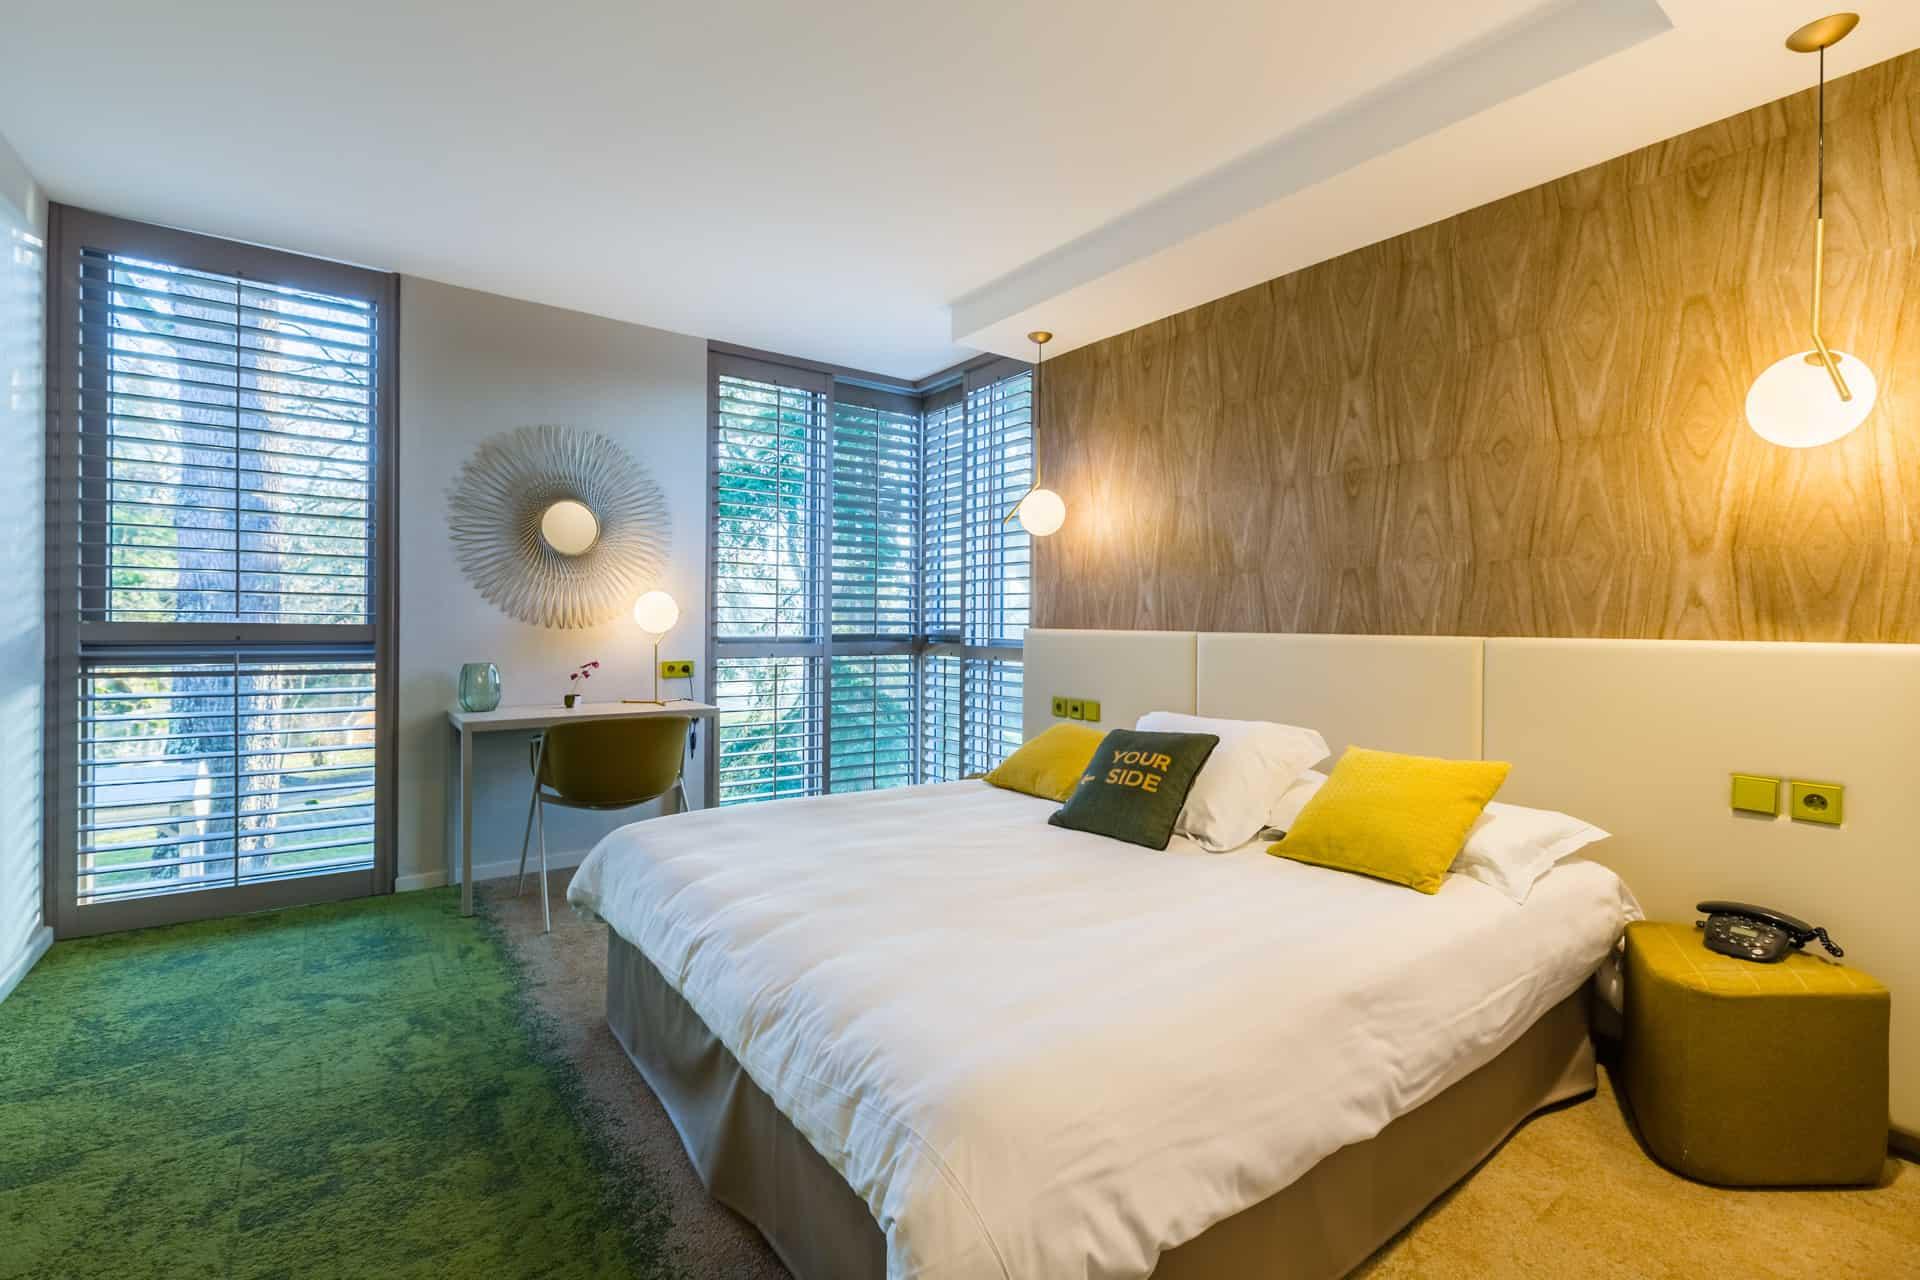 hotel ch teau de la tour 33410 beguey cadillac. Black Bedroom Furniture Sets. Home Design Ideas